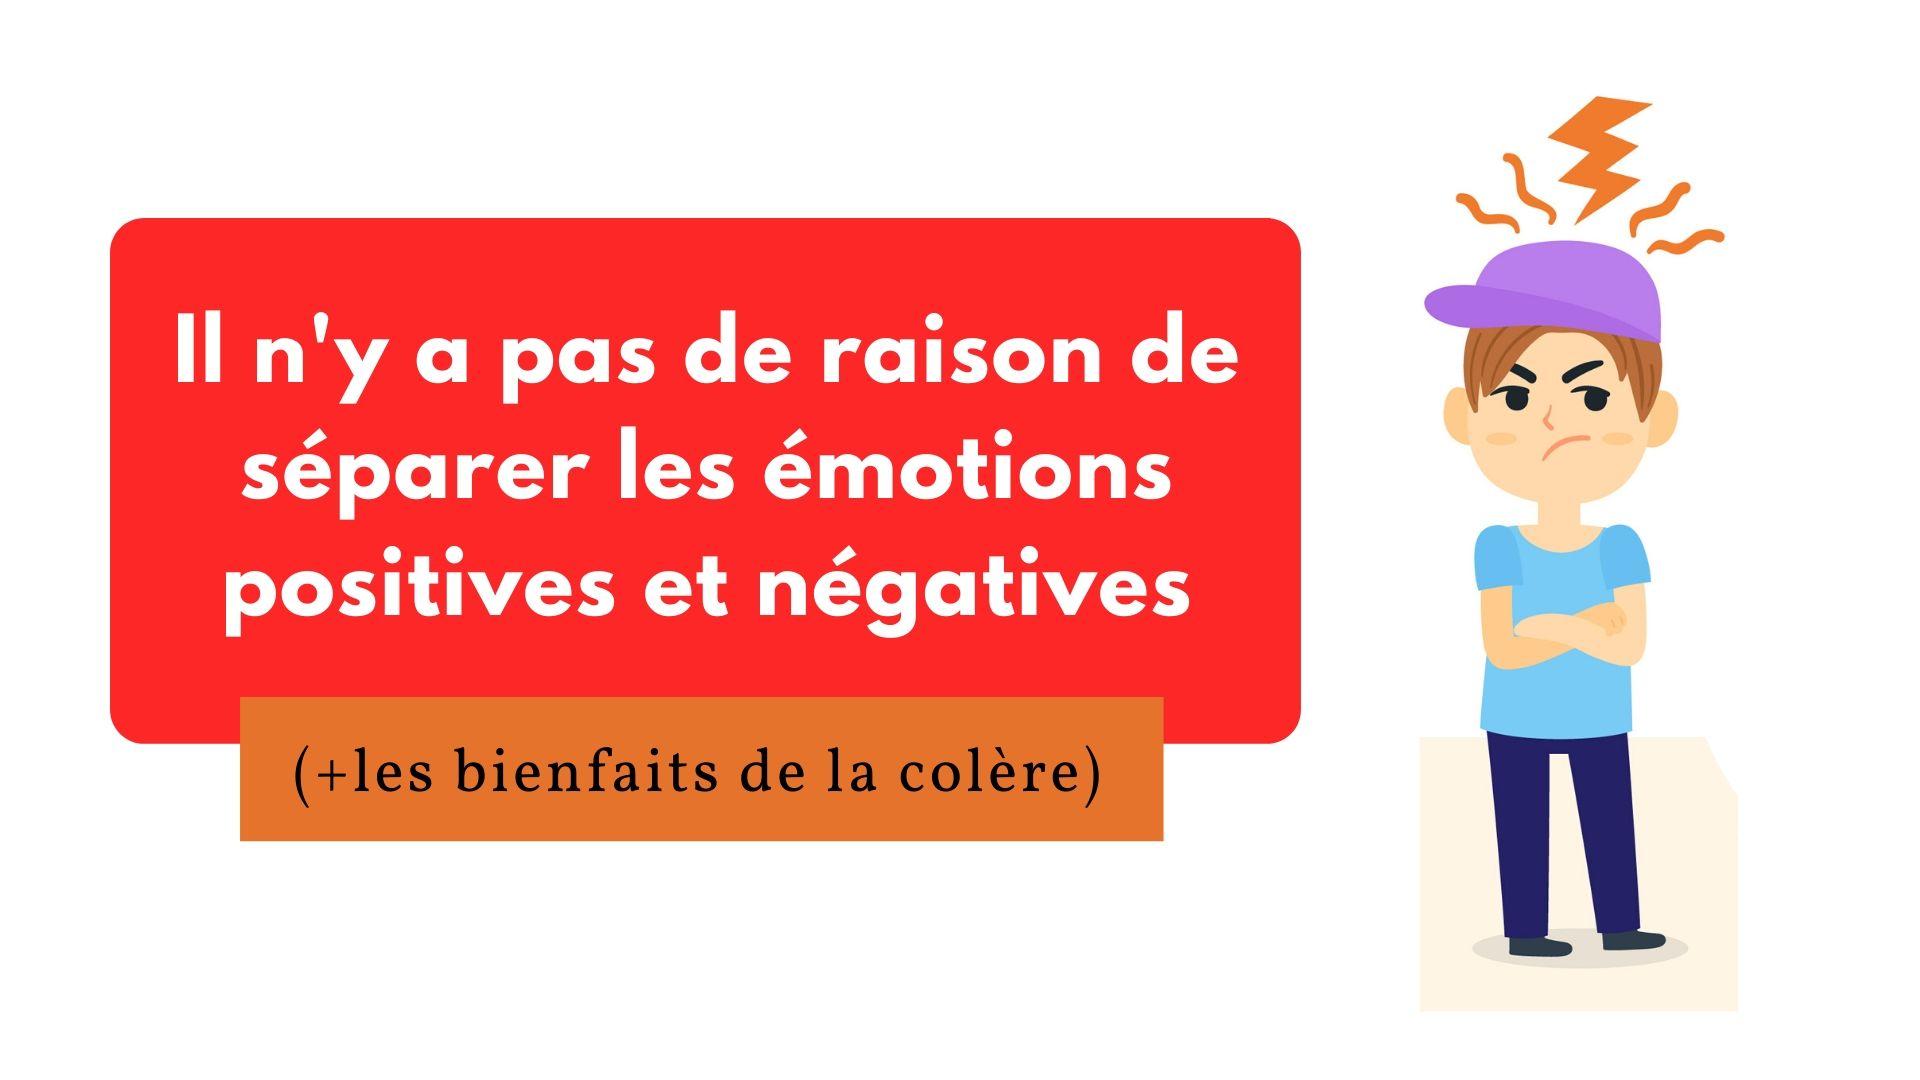 séparer les émotions positives et négatives